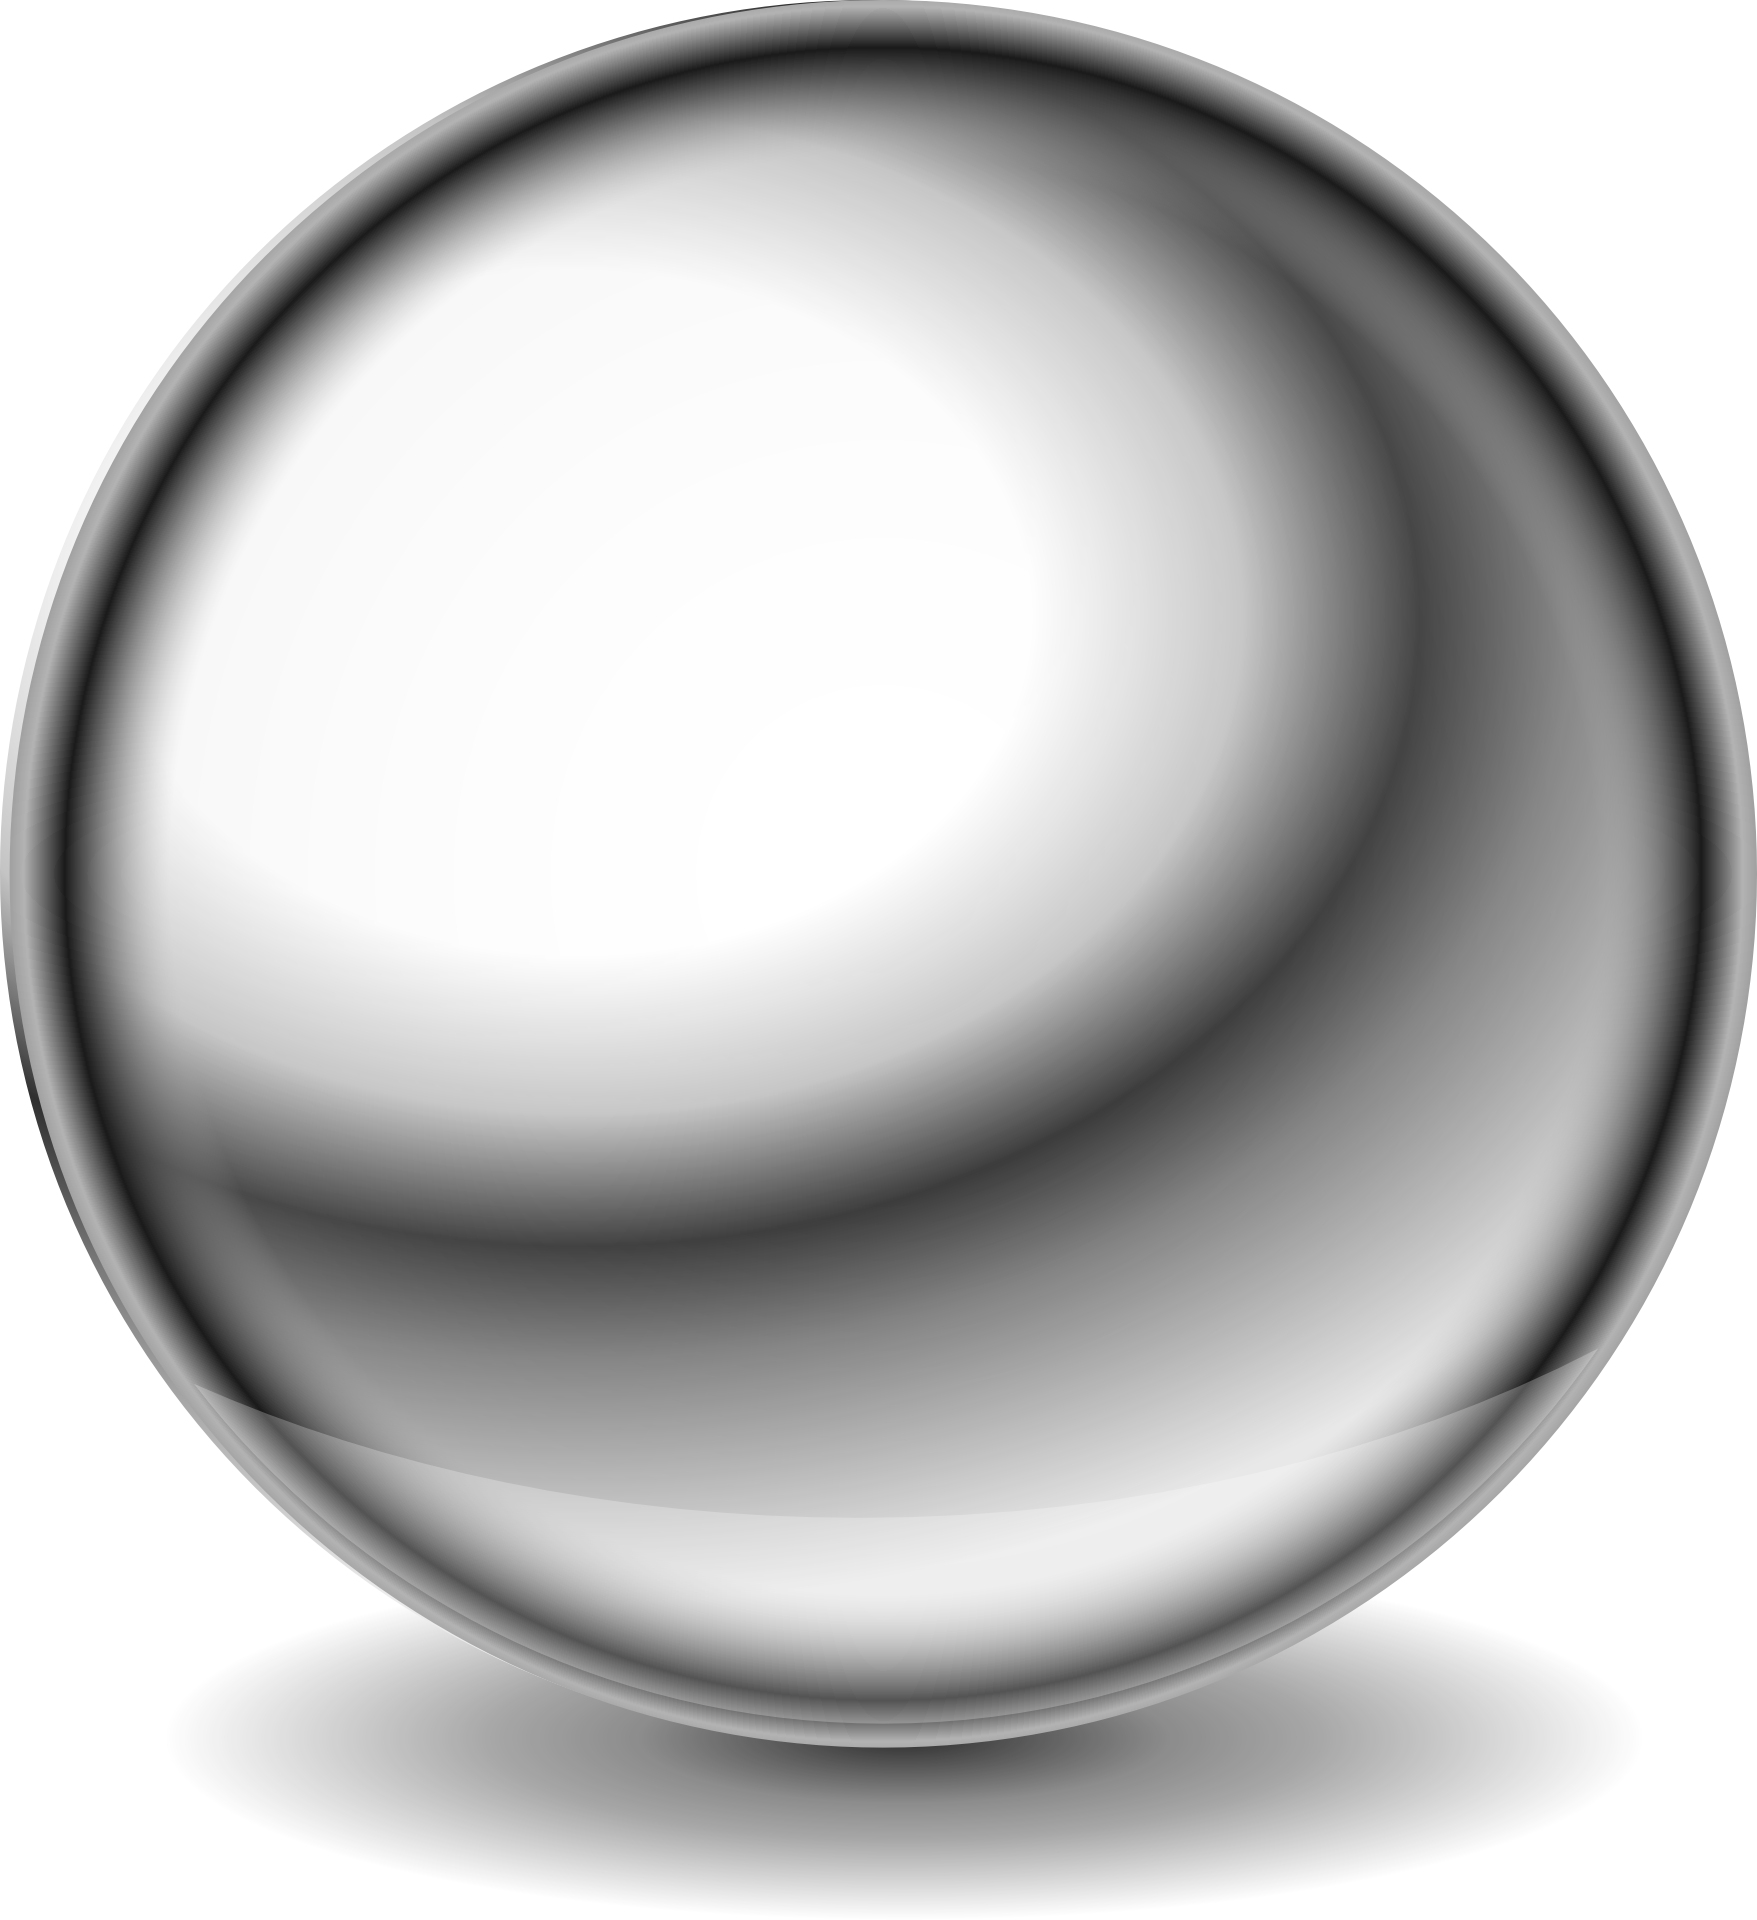 Shiny ball clipart.